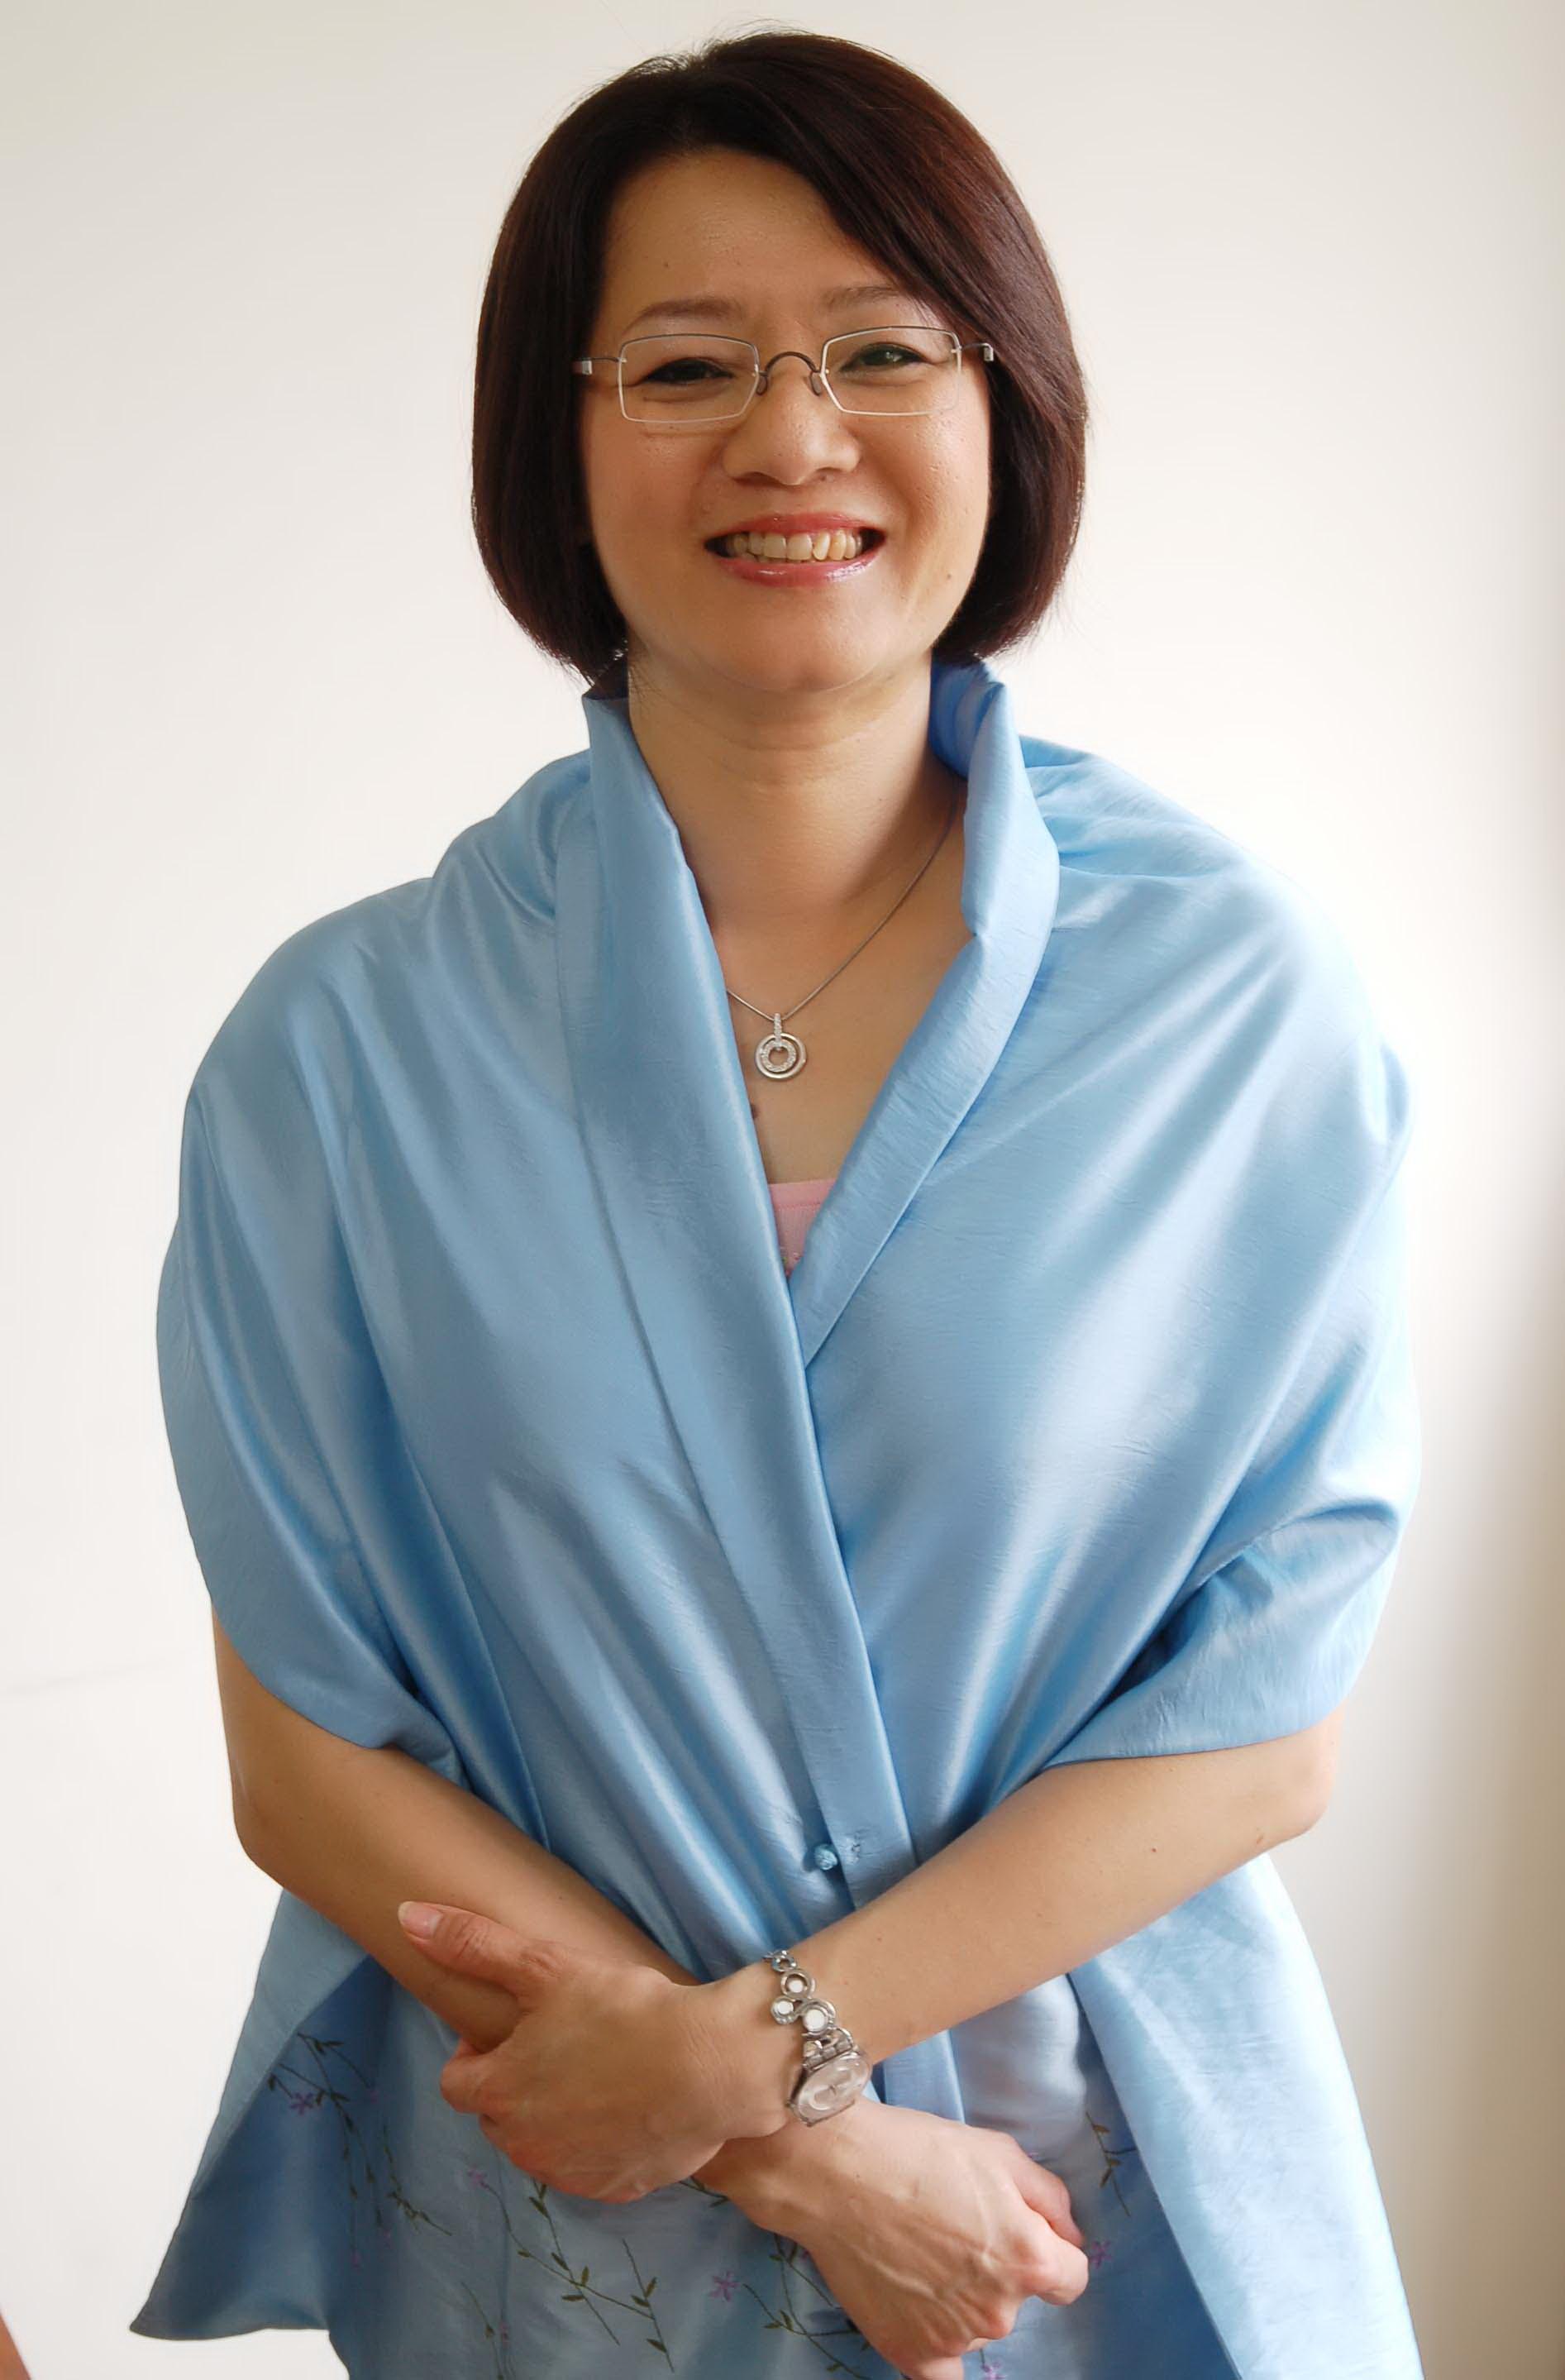 TutorABCJr親子教育專家-陳鳳卿20年幼教經驗 線上開講幼兒輕鬆教養100招!